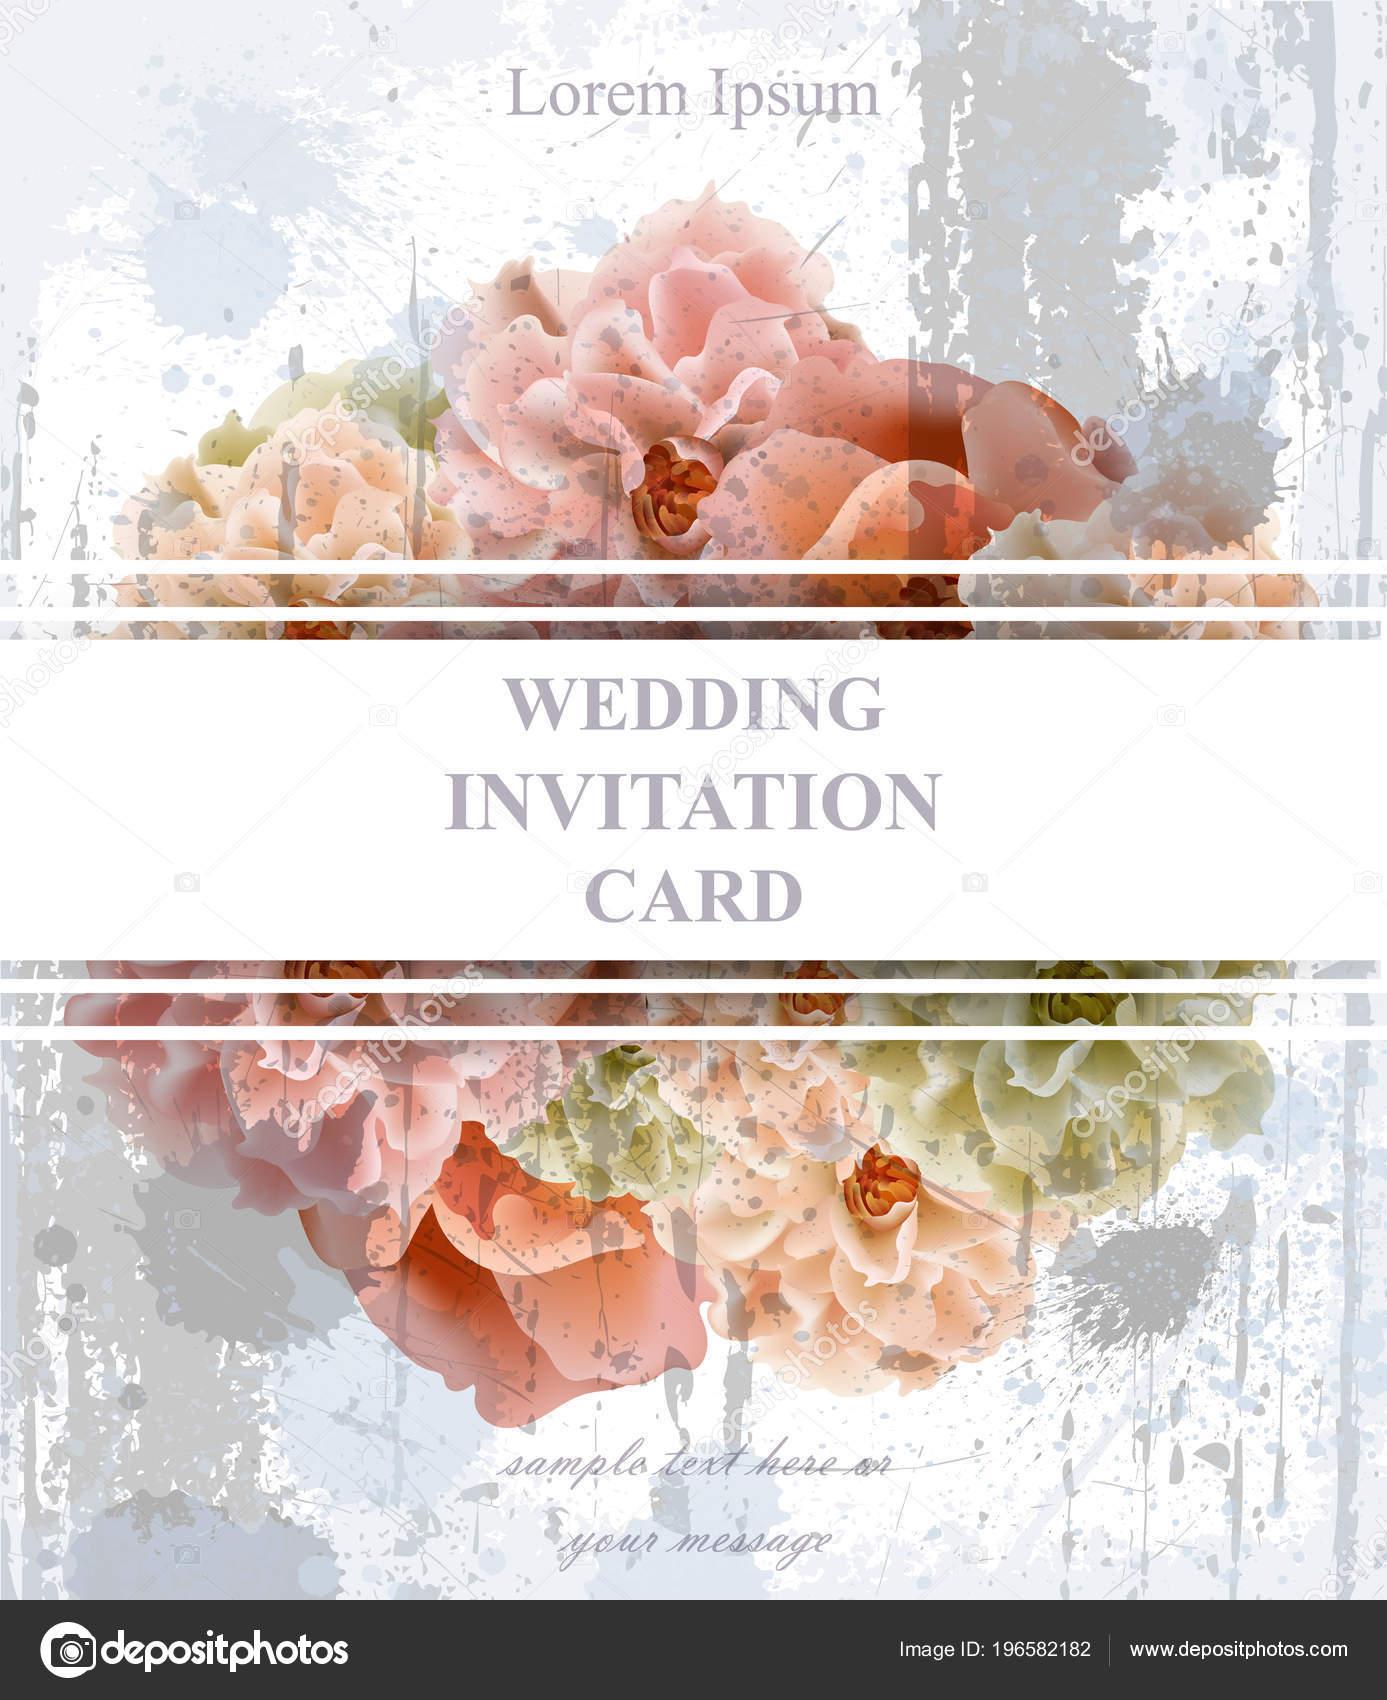 Hochzeit einladungskarte vektor schöne florale dekoration banner plakat vorlage 3d hintergründe stockvektor